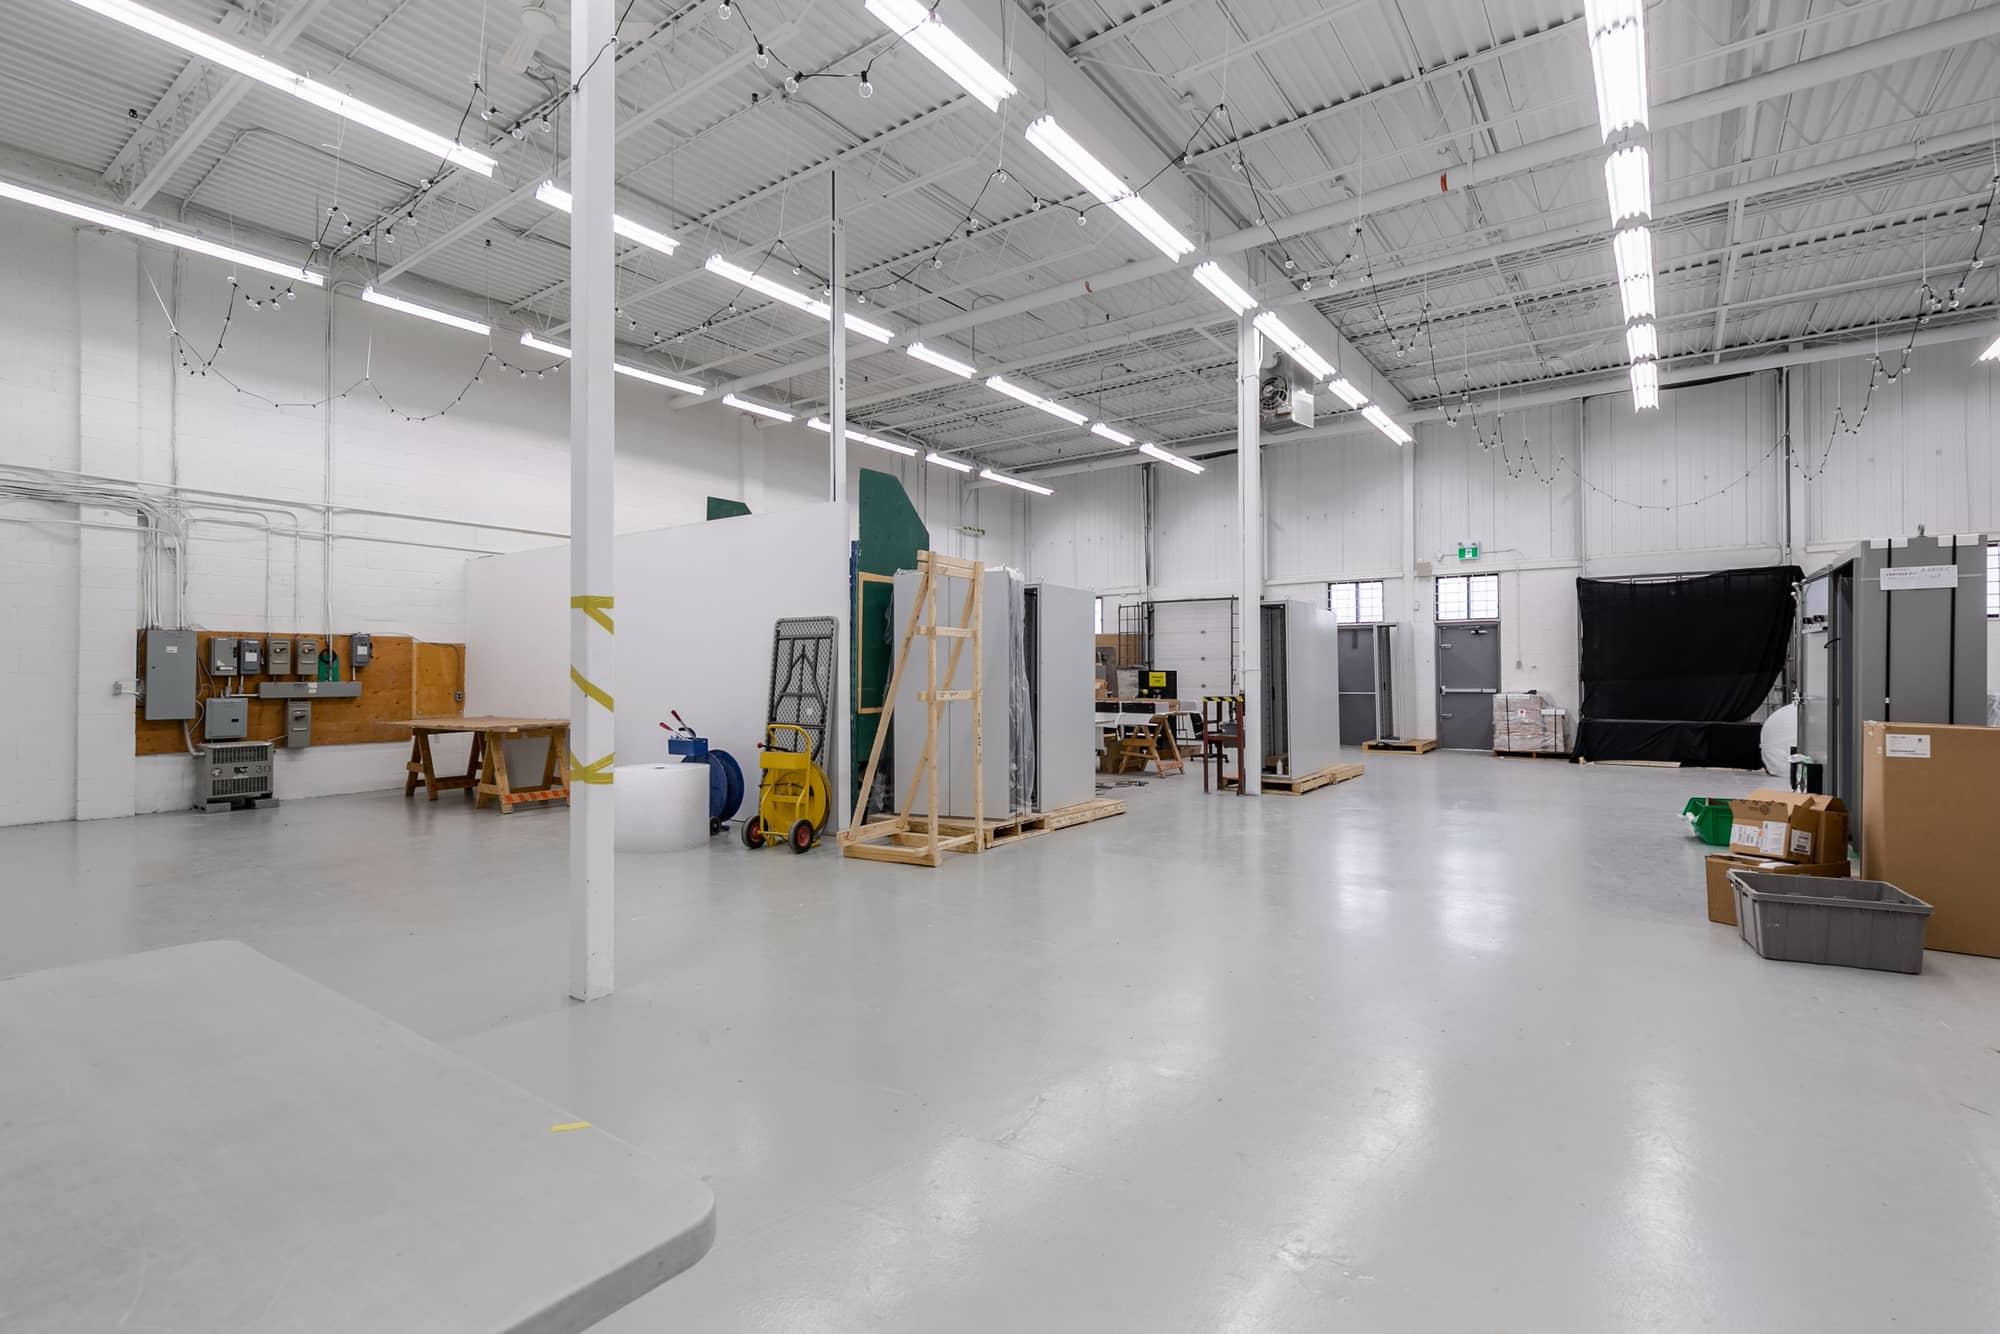 entrepôt commercial avec plancher de béton